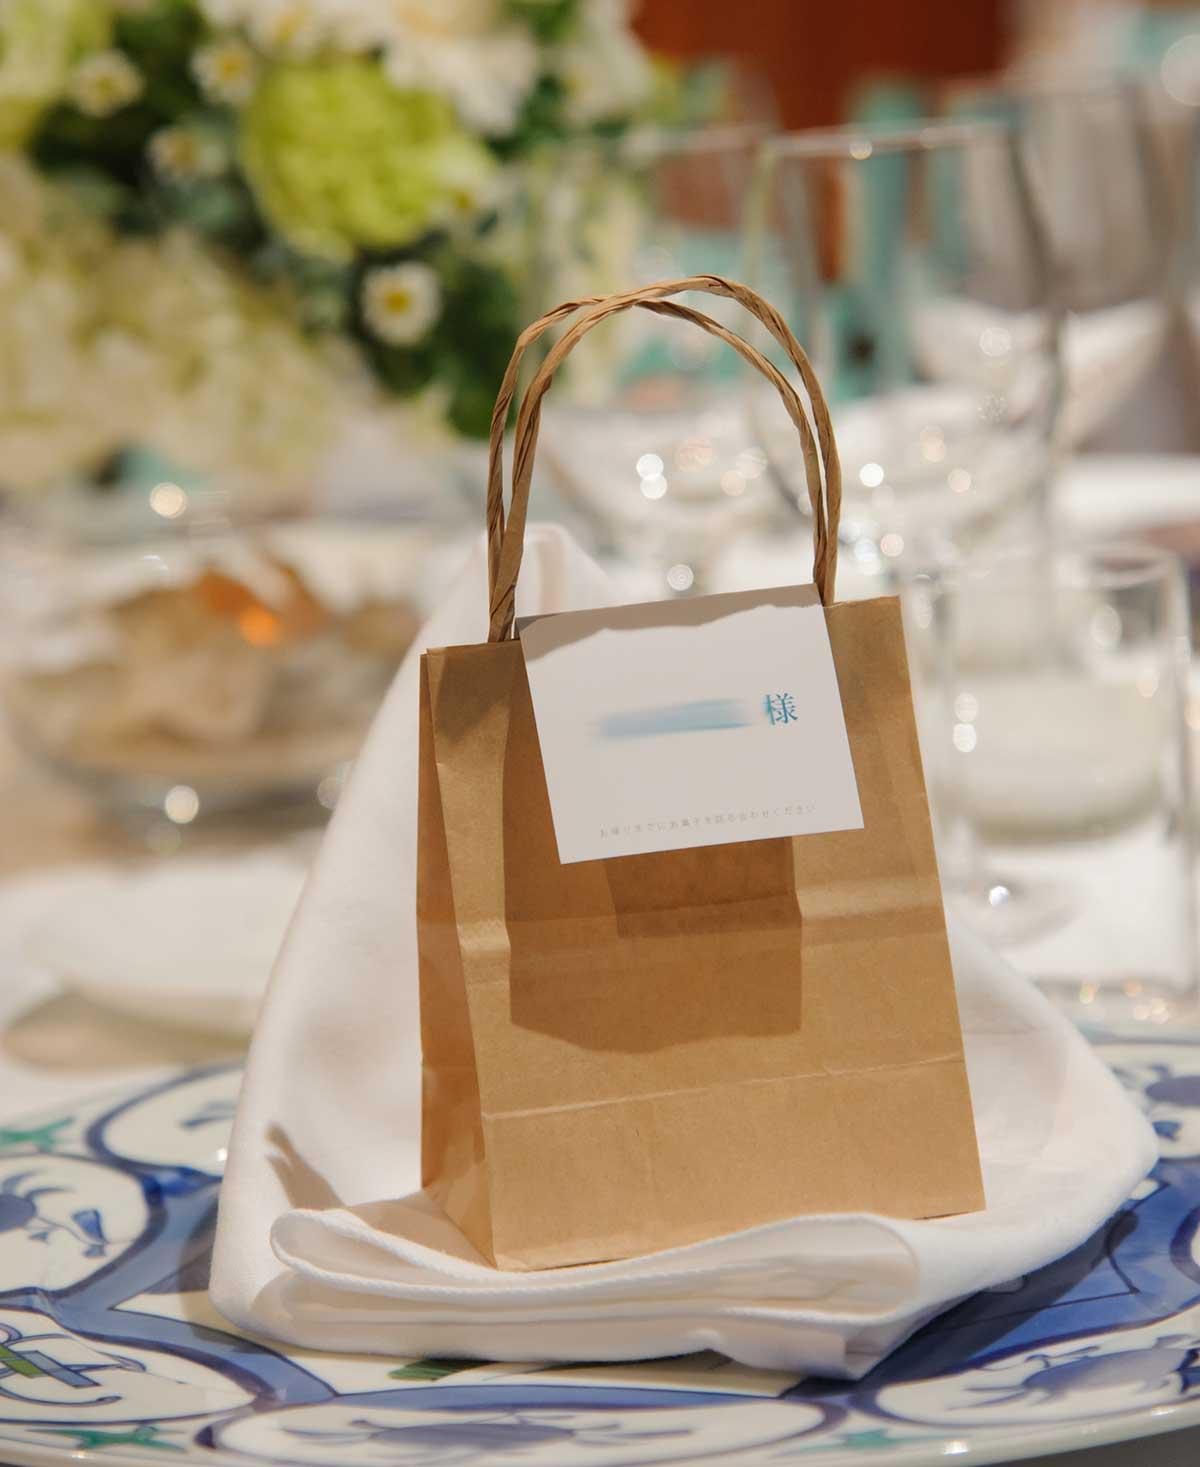 席札とお菓子の紙袋